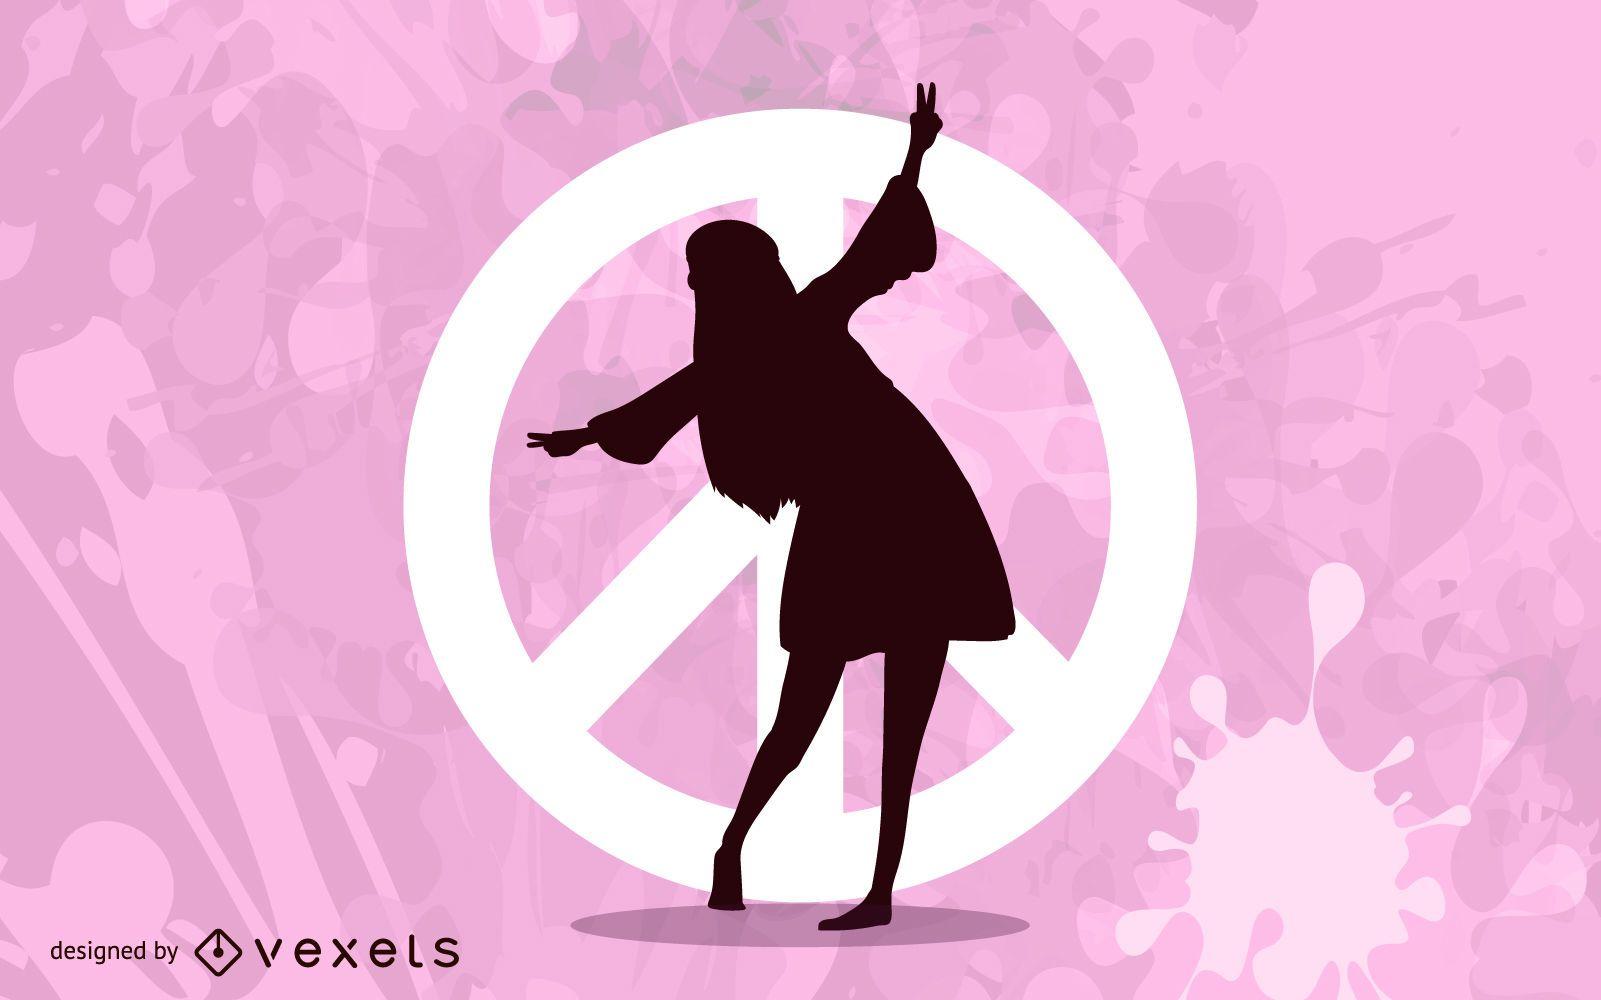 Chica bailando sobre el símbolo de la paz